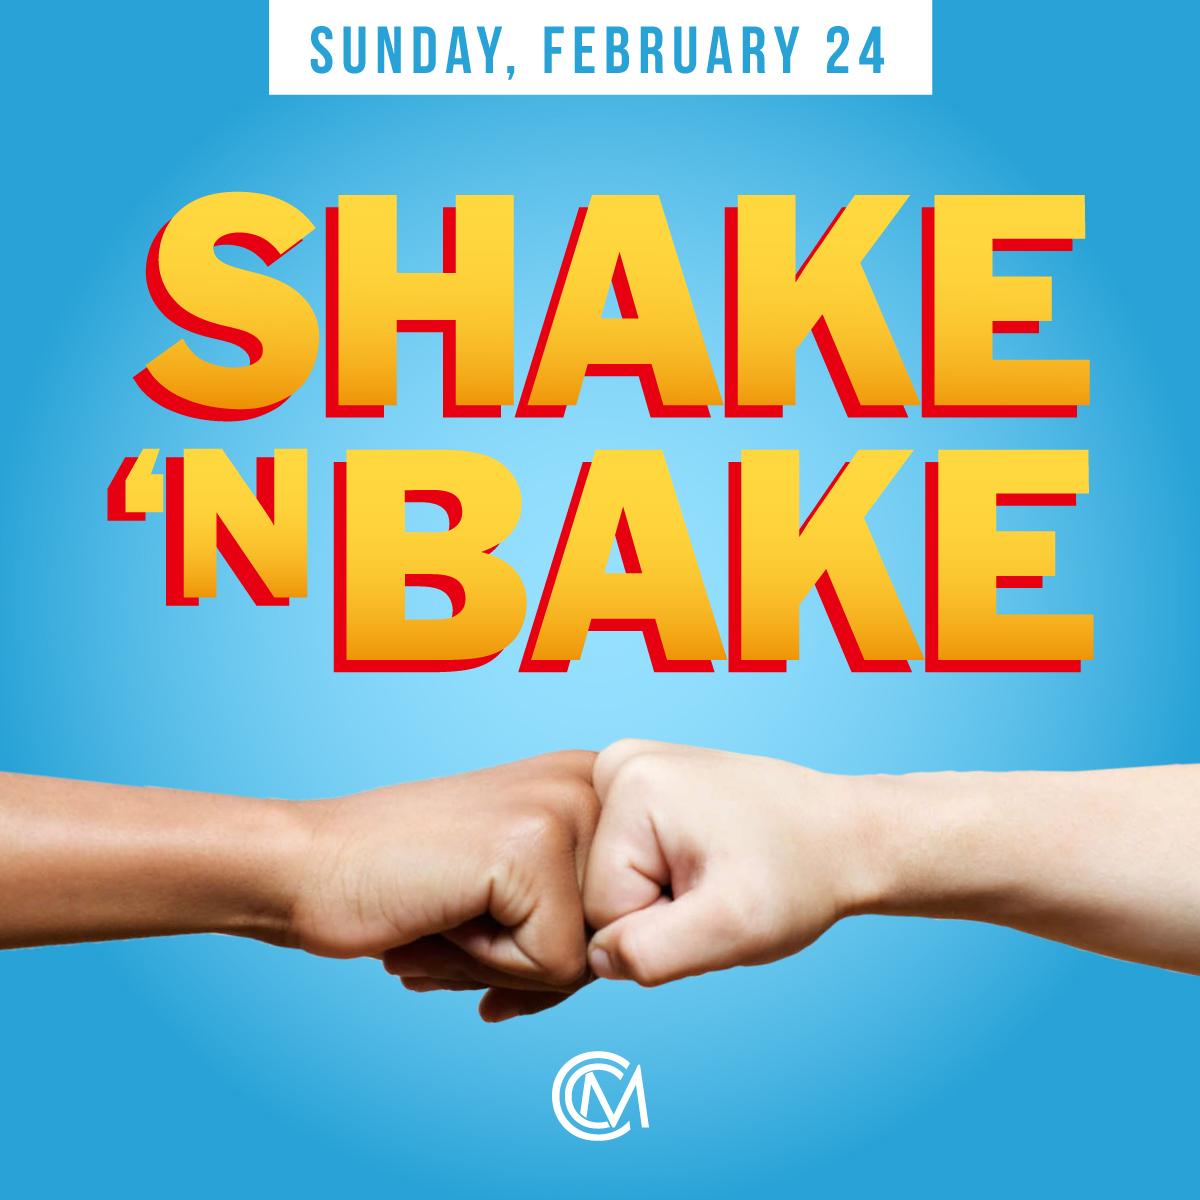 CCM_shake-&-bake-2-24.jpg